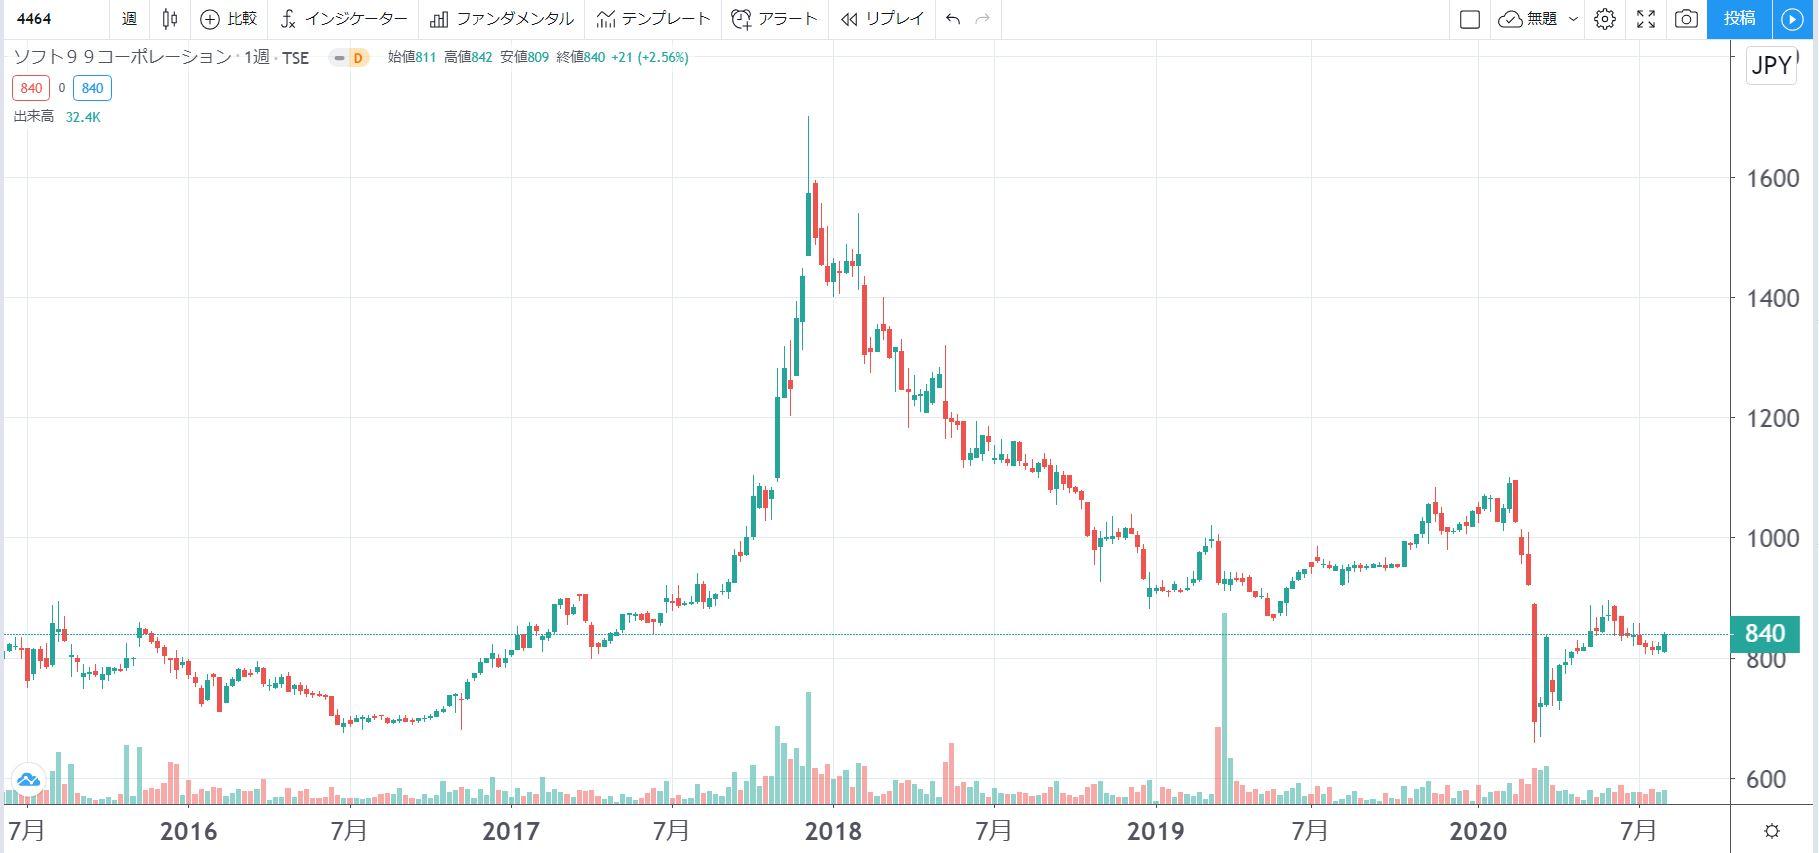 5年株価チャート-ソフト99コーポレーション